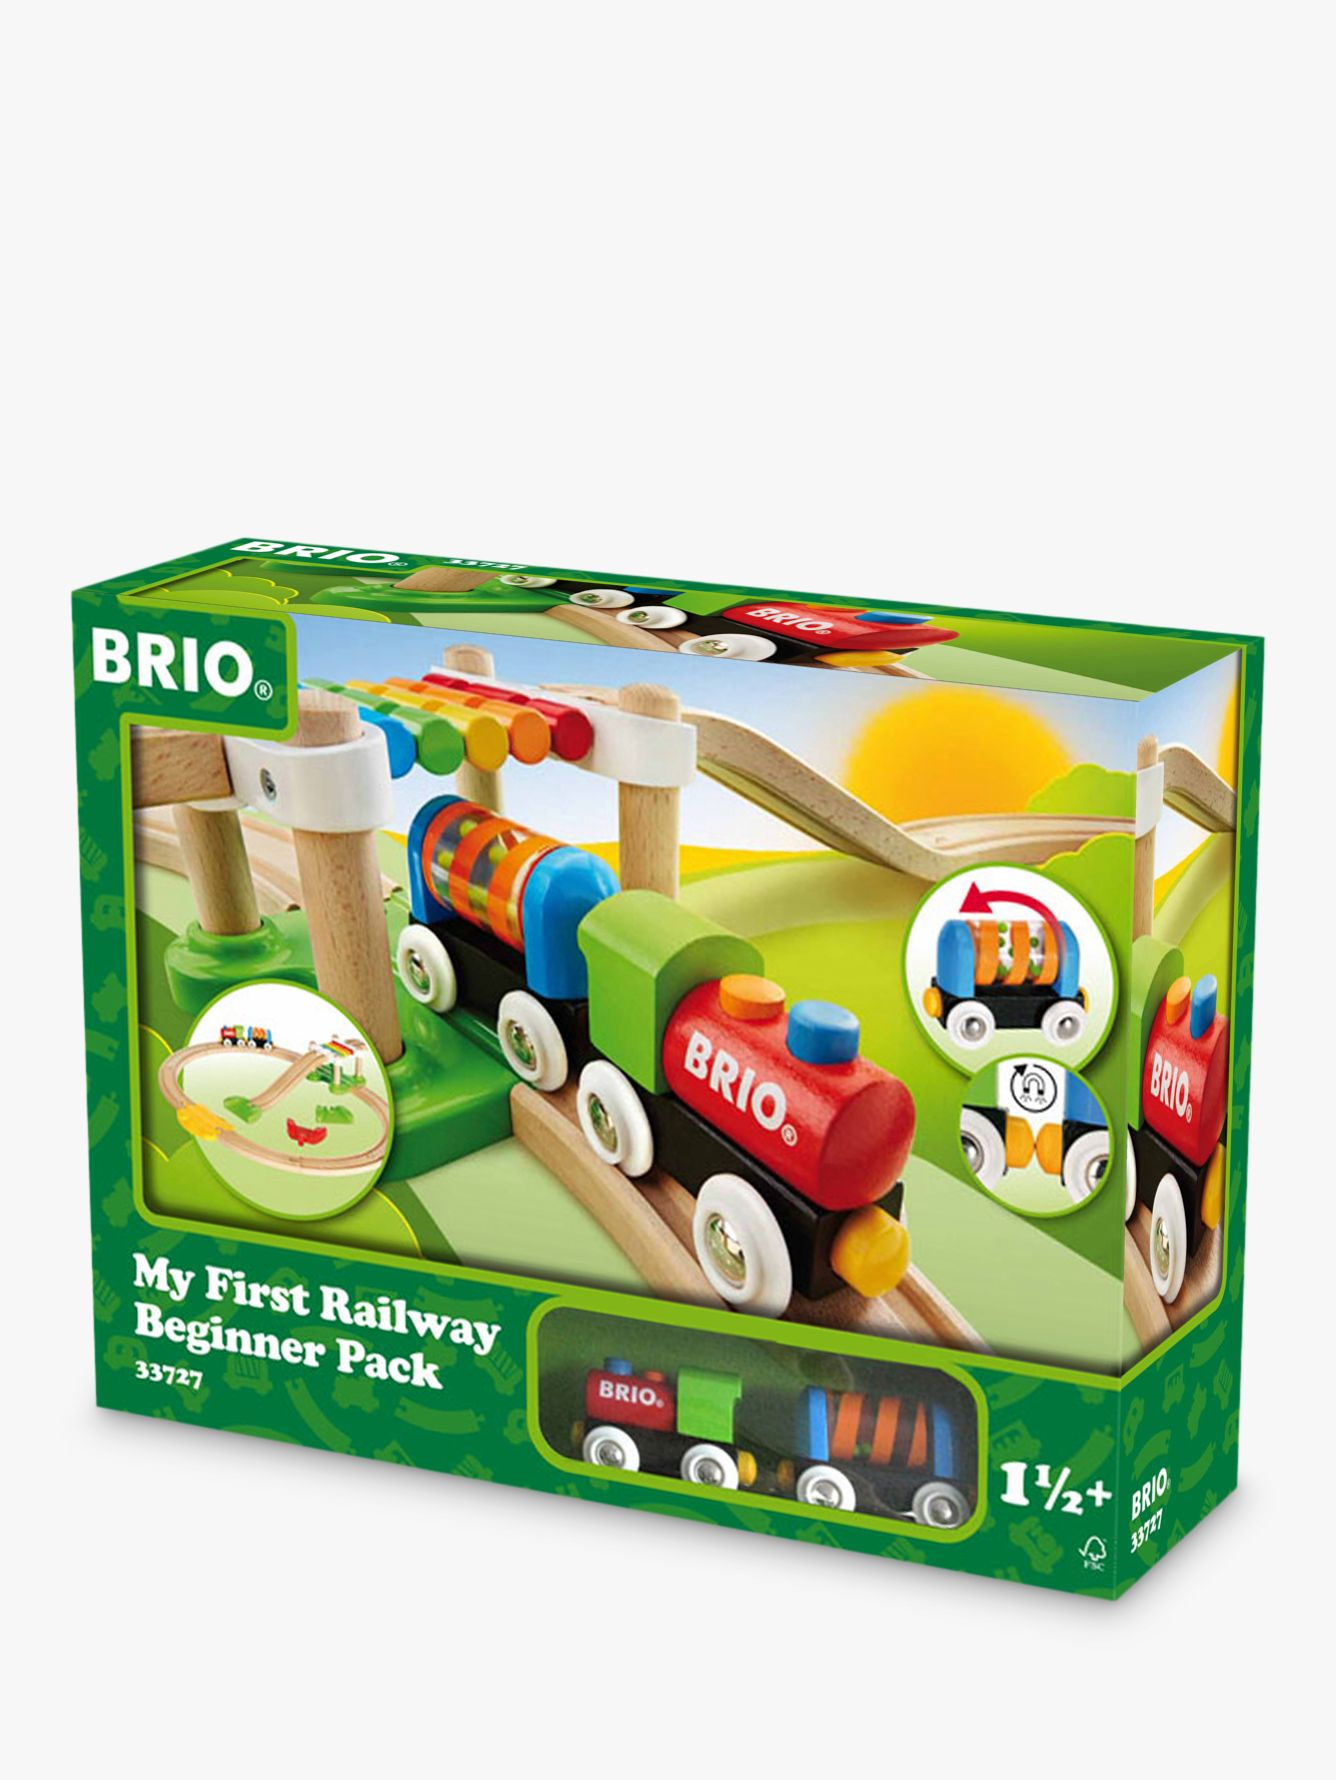 BRIO BRIO 33727 My First Railway Beginner Pack